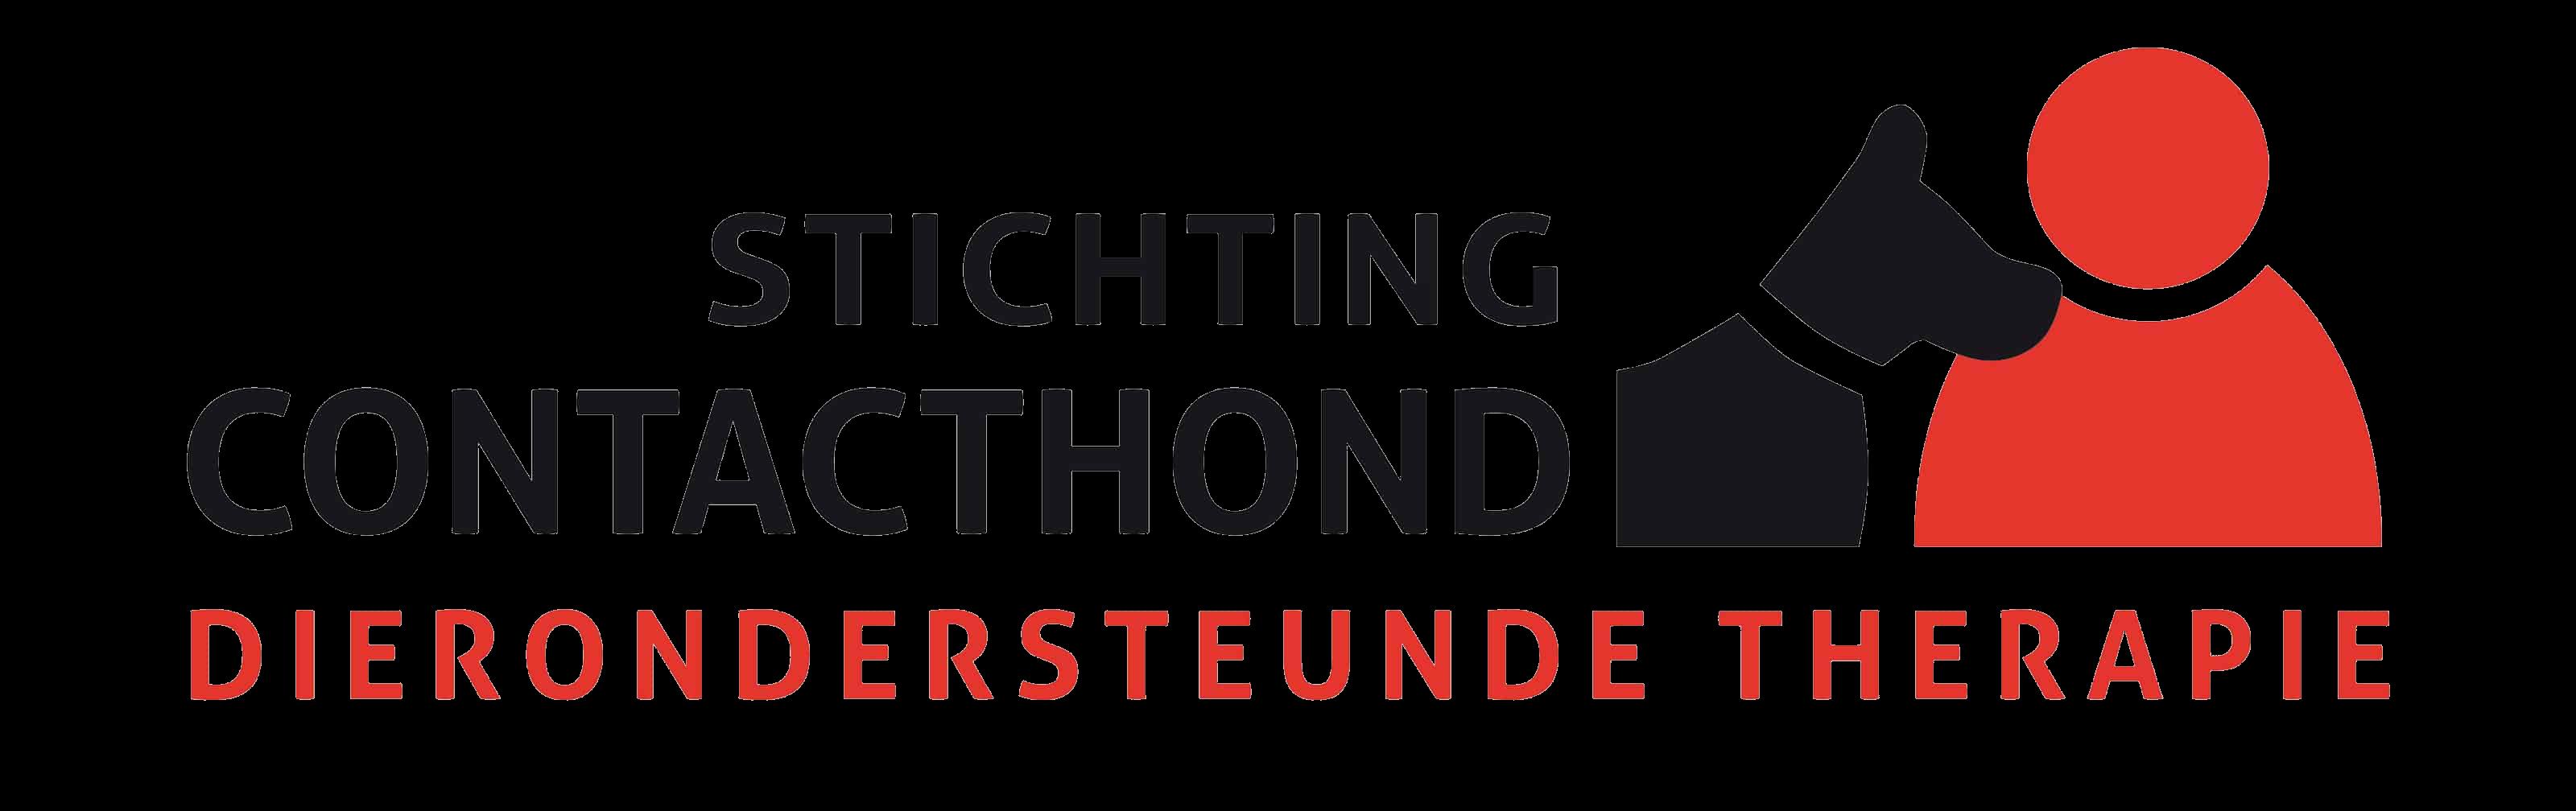 Contacthond logo transparent